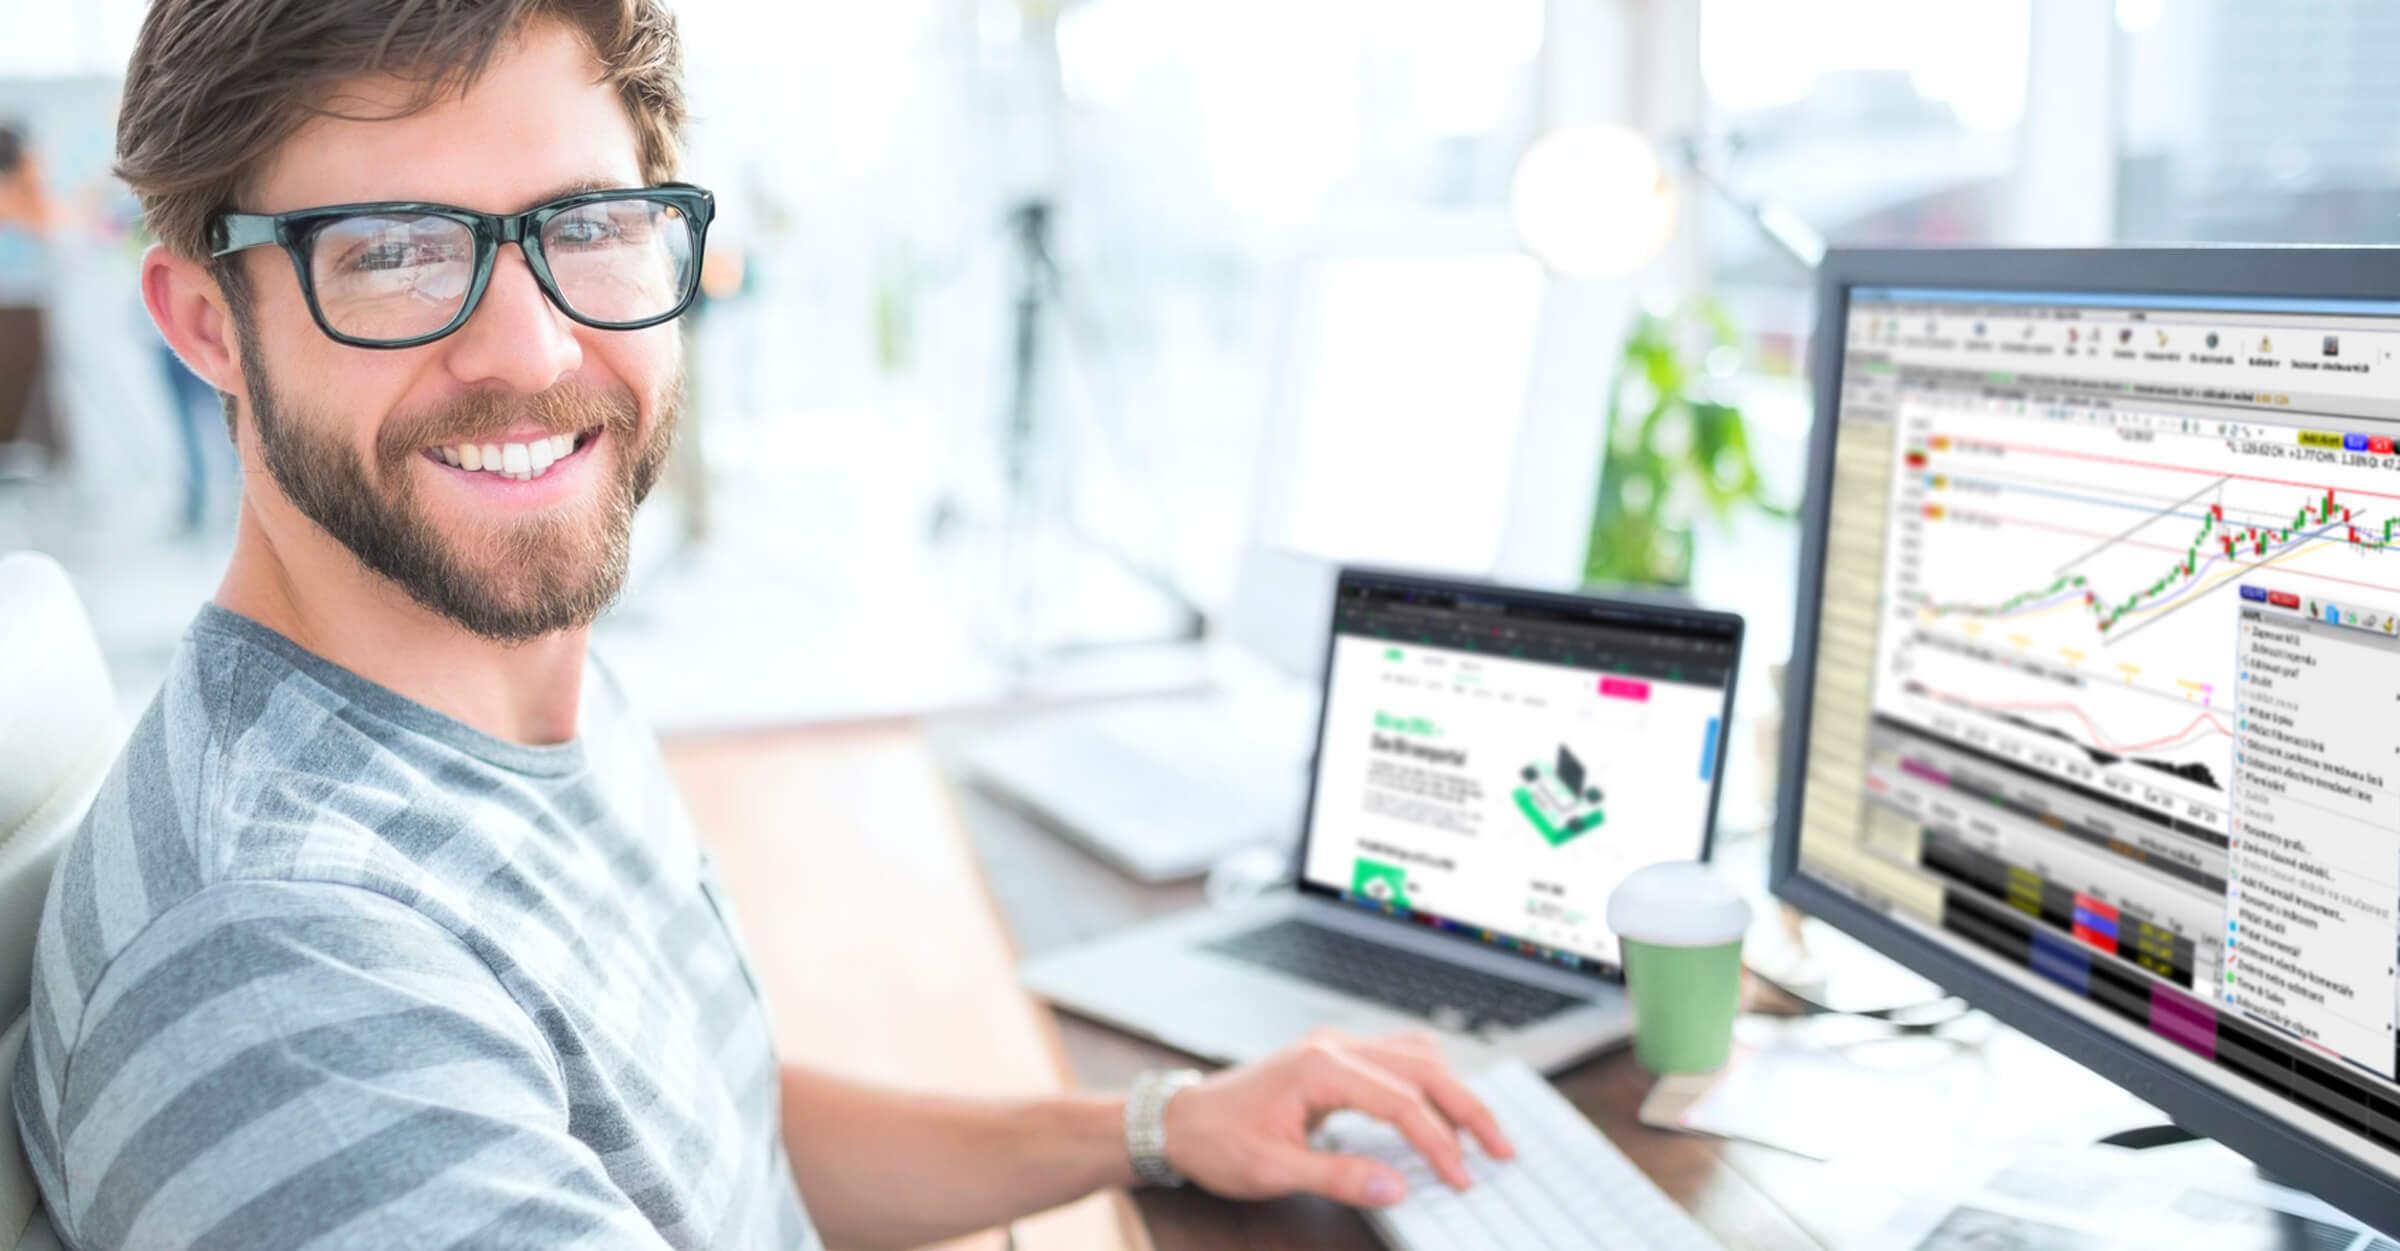 Úspěšný trader a klient LYNX obchodující prostřednictvím platformy Trader Workstation (TWS)